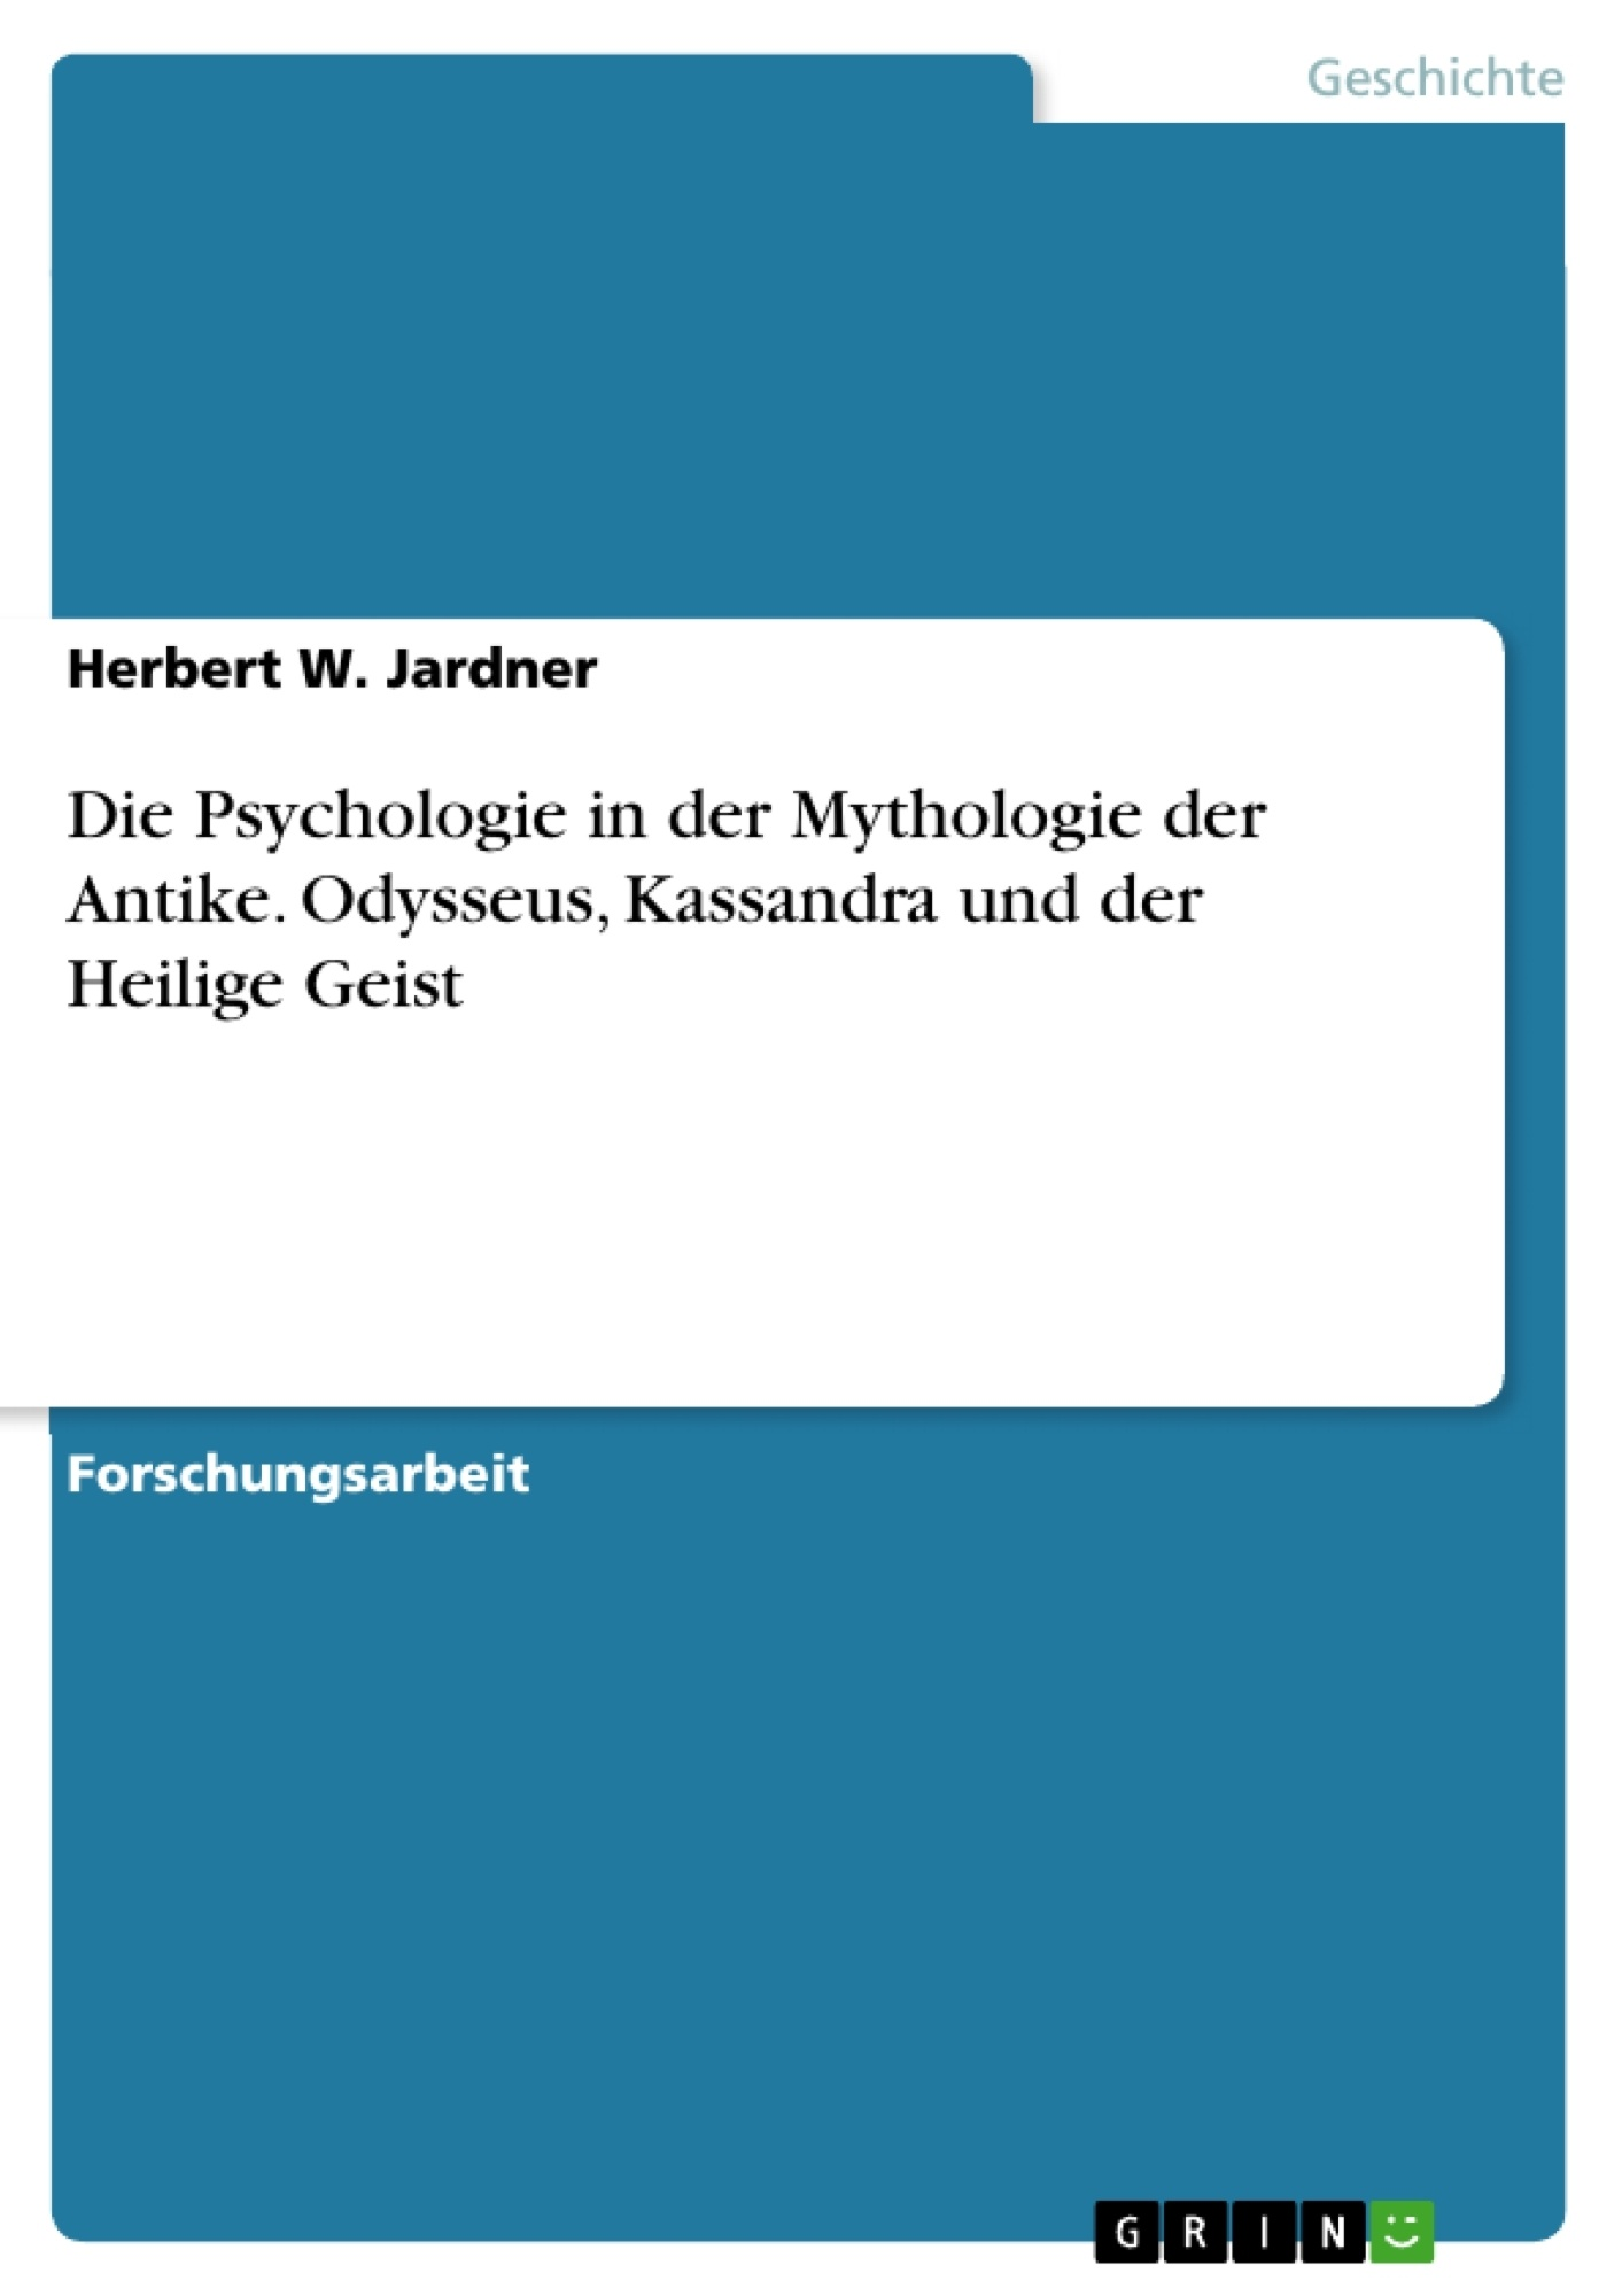 Titel: Die Psychologie in der Mythologie der Antike. Odysseus, Kassandra und der Heilige Geist